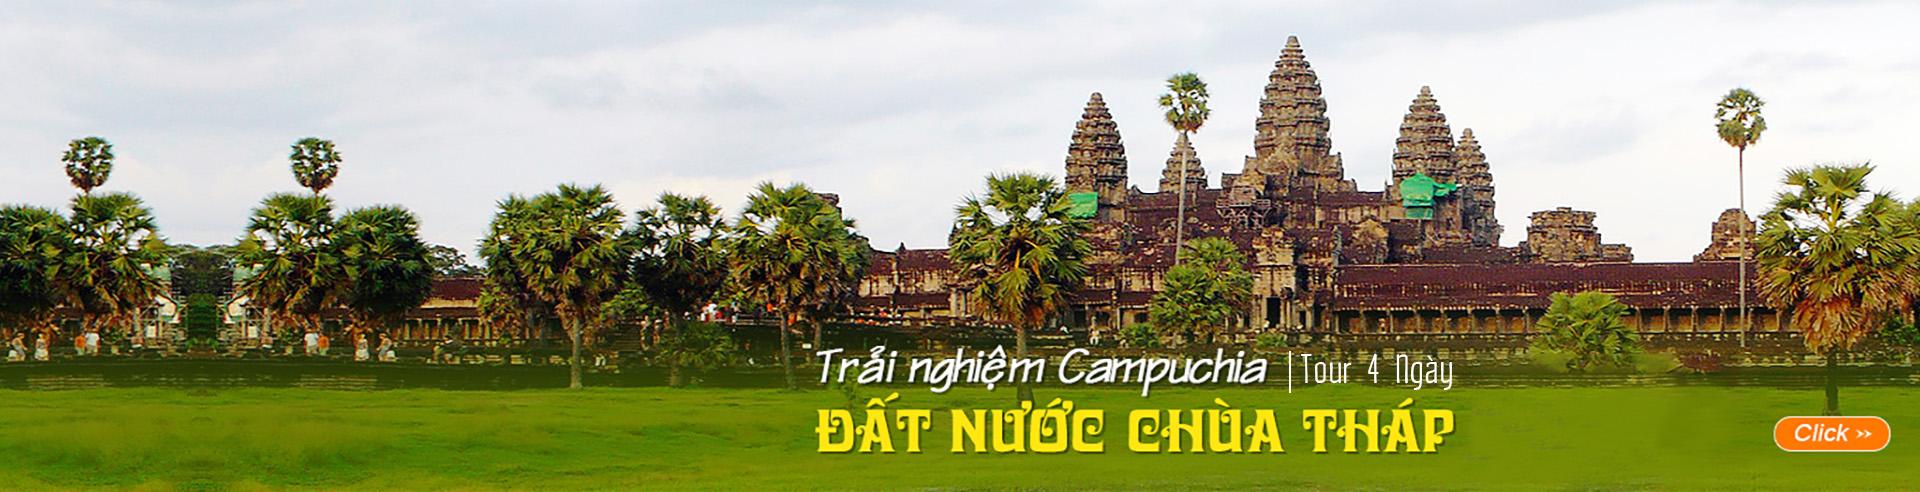 Campuchia: Trải nghiệm Campuchia đất nước chùa tháp